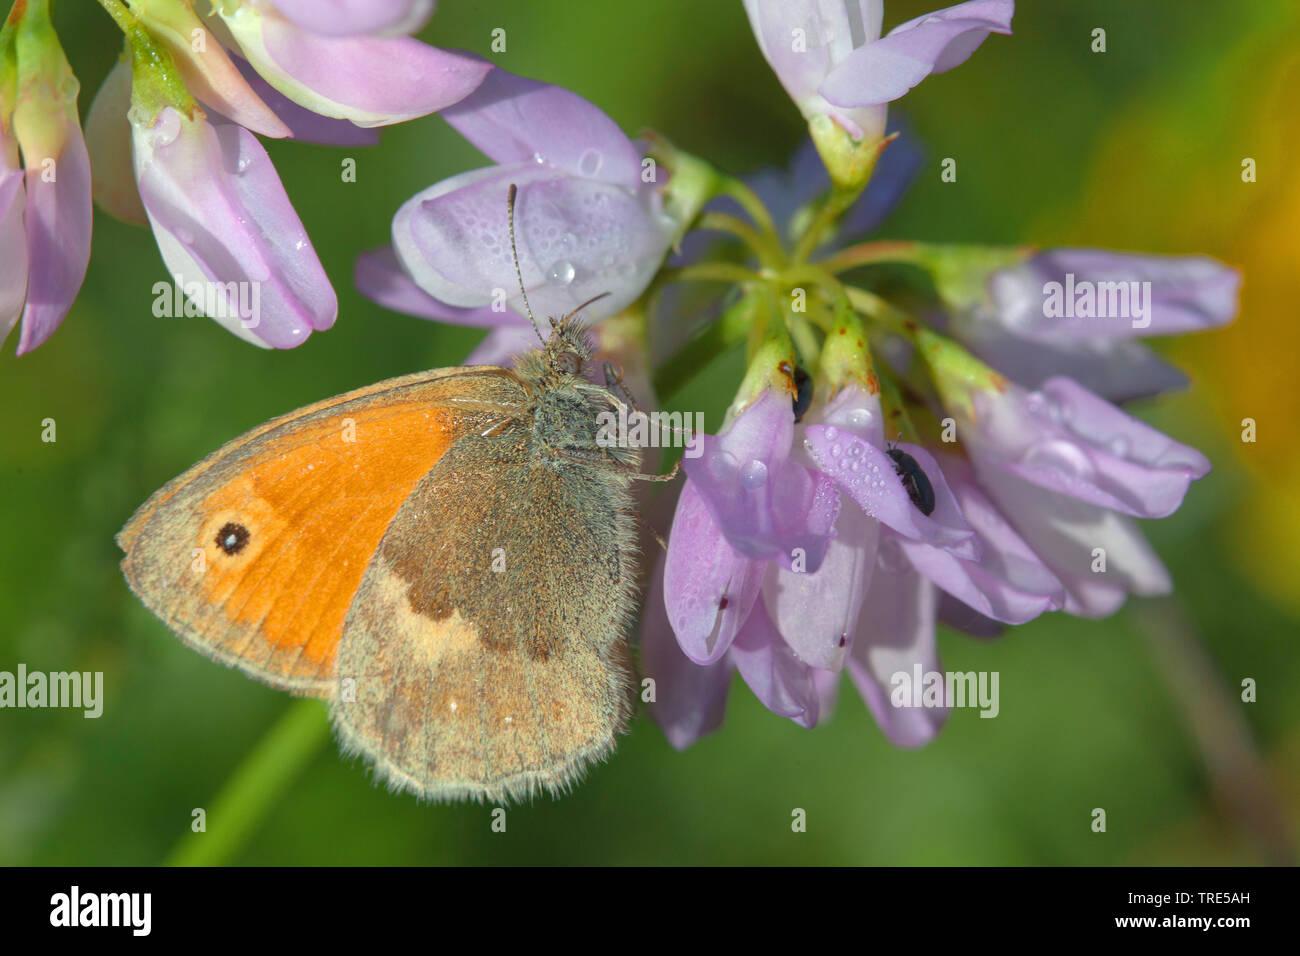 Kleines Wiesenvoegelchen, Wiesen-Voegelchen, Wiesenvoegelchen, Kleiner Heufalter (Coenonympha pamphilus), saugt an Kronenwicke, Deutschland | small he - Stock Image